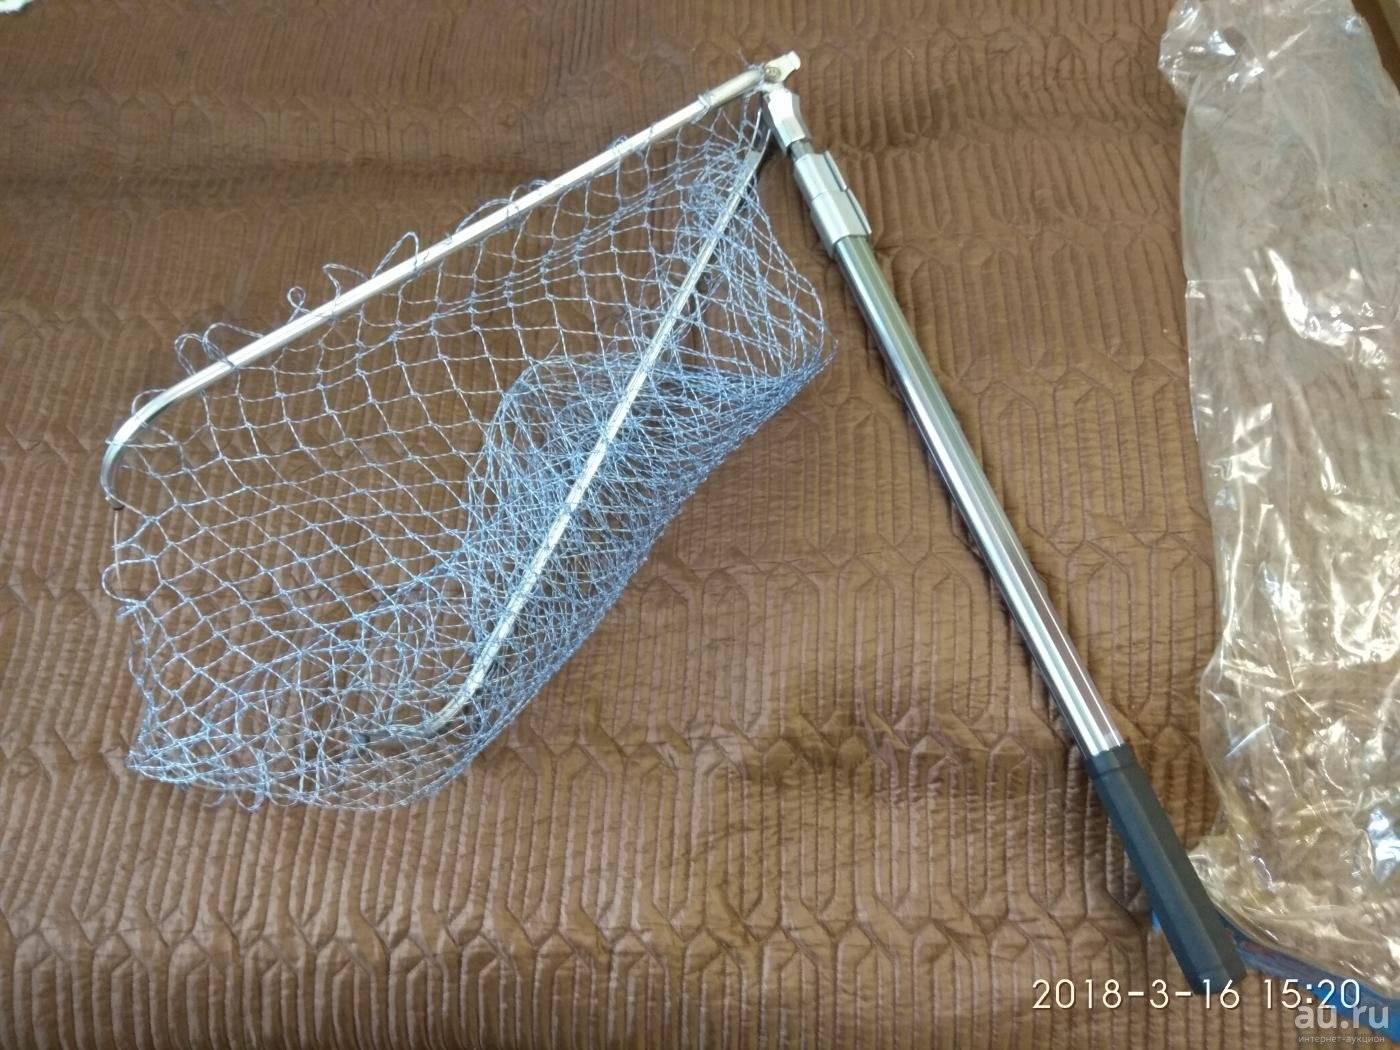 Как сделать сачок своими руками, в домашних условиях, для рыбалки